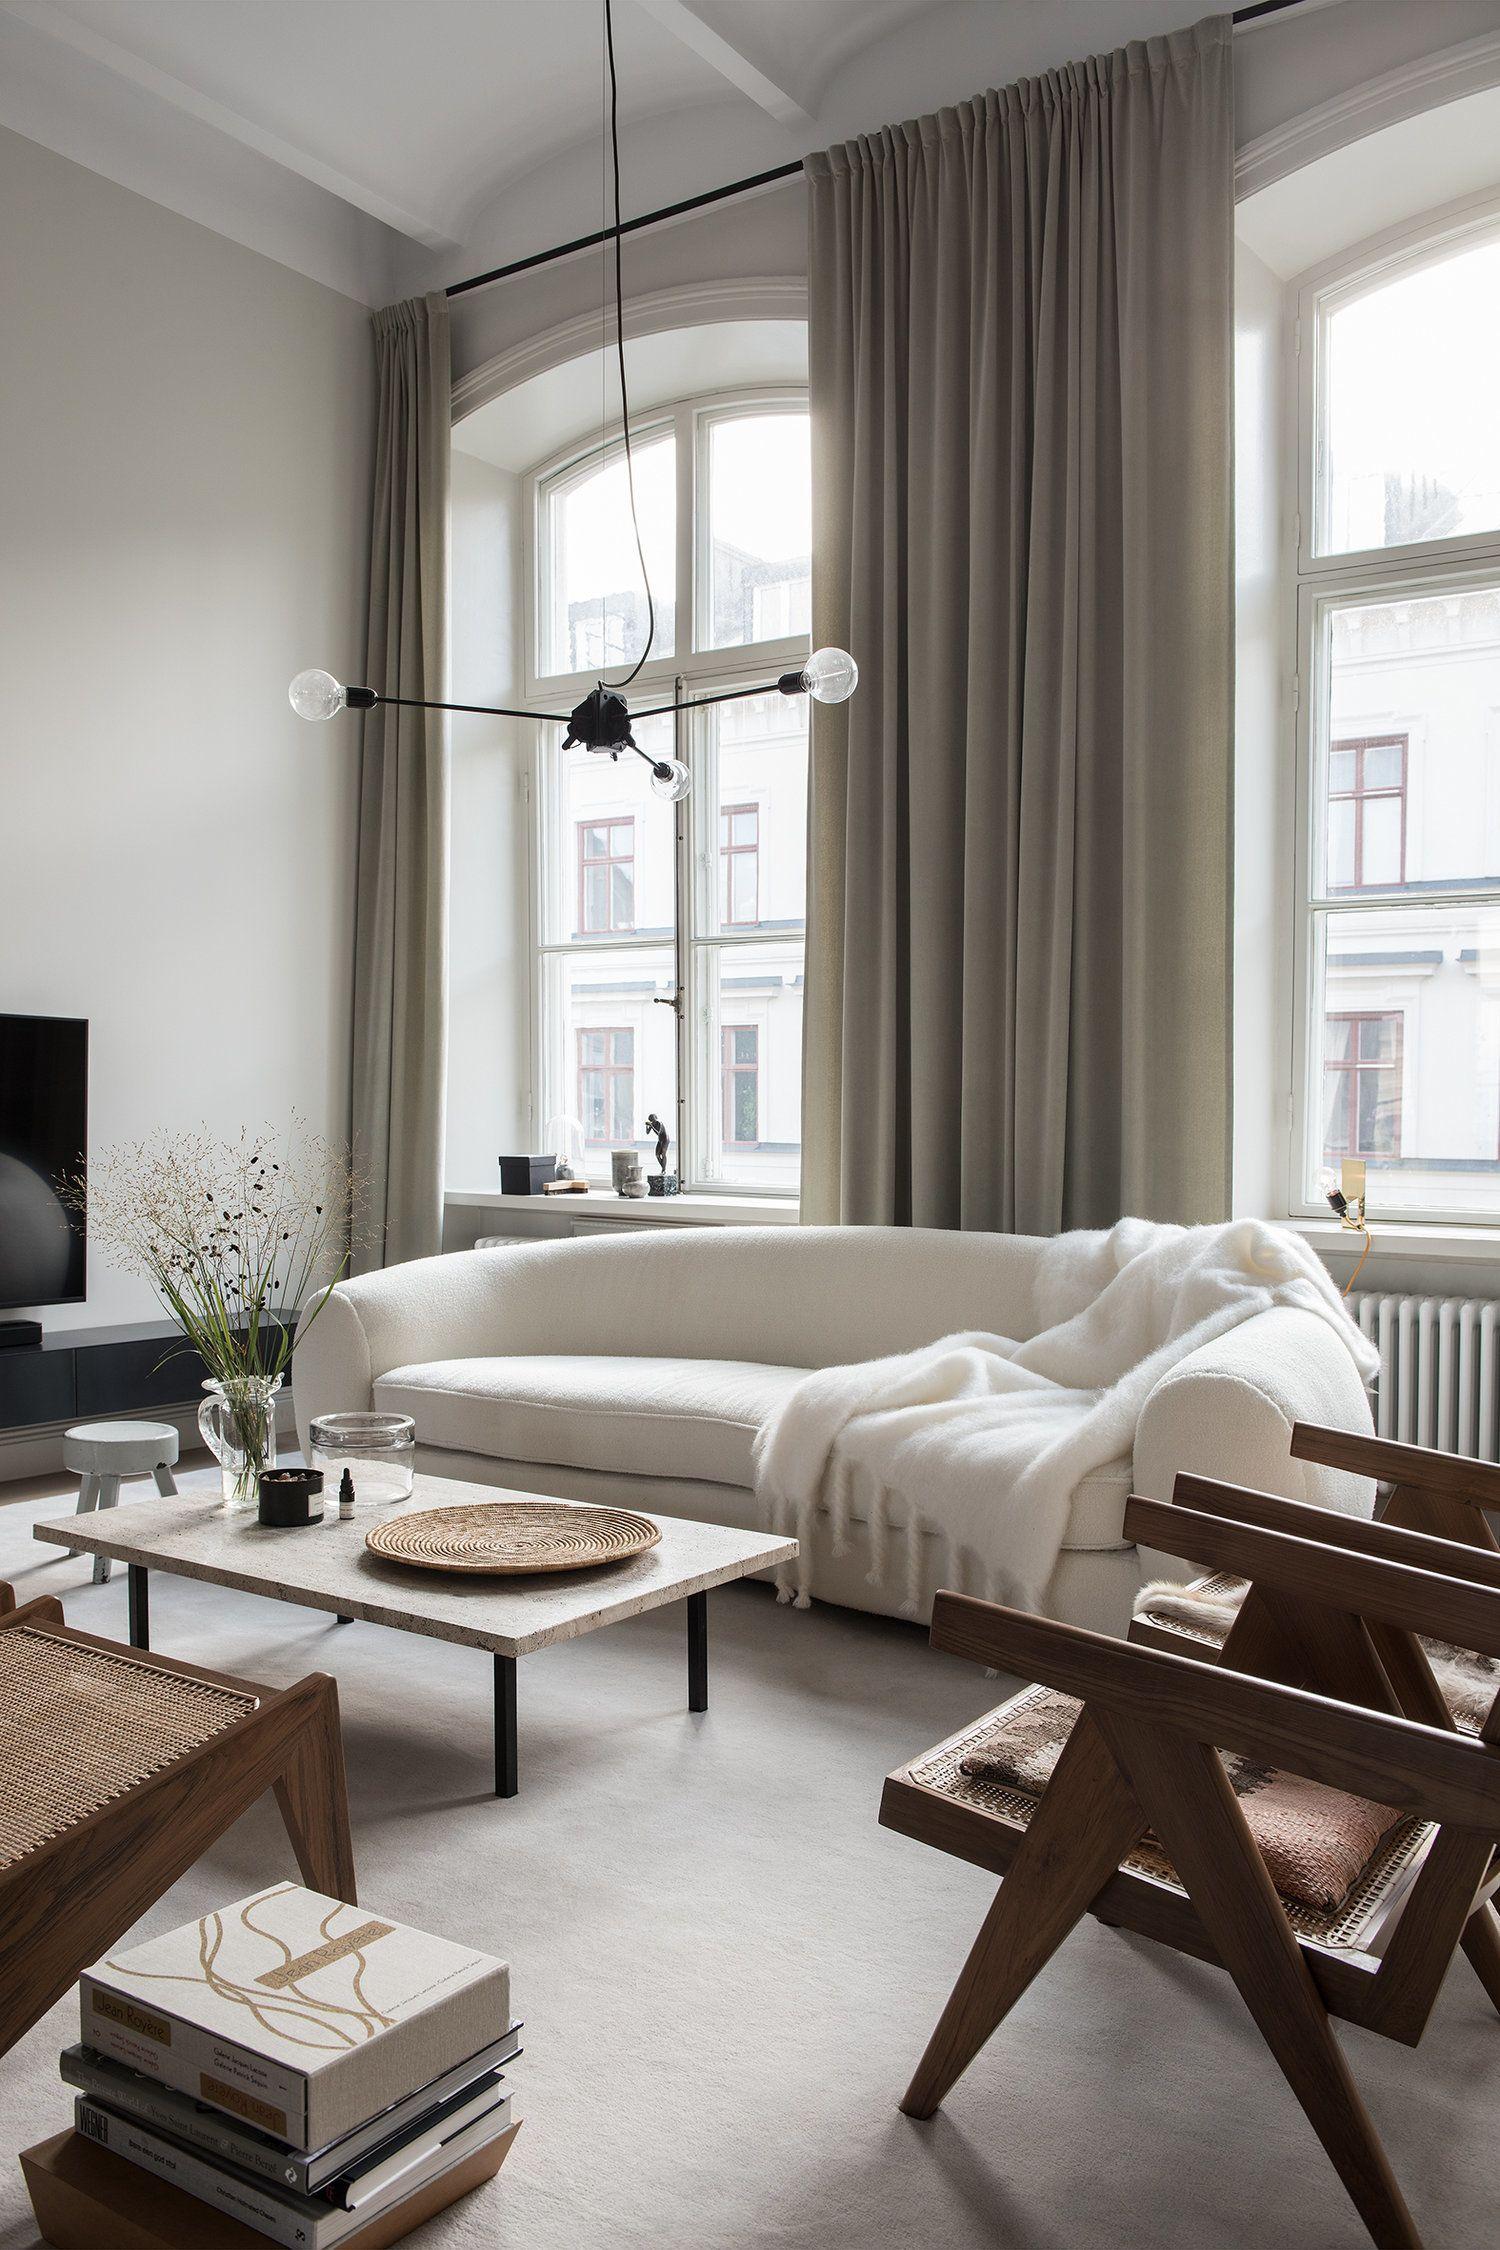 Salon Marron Et Beige Photos salon vintage,contemporain marron,blanc,noir,beige béton